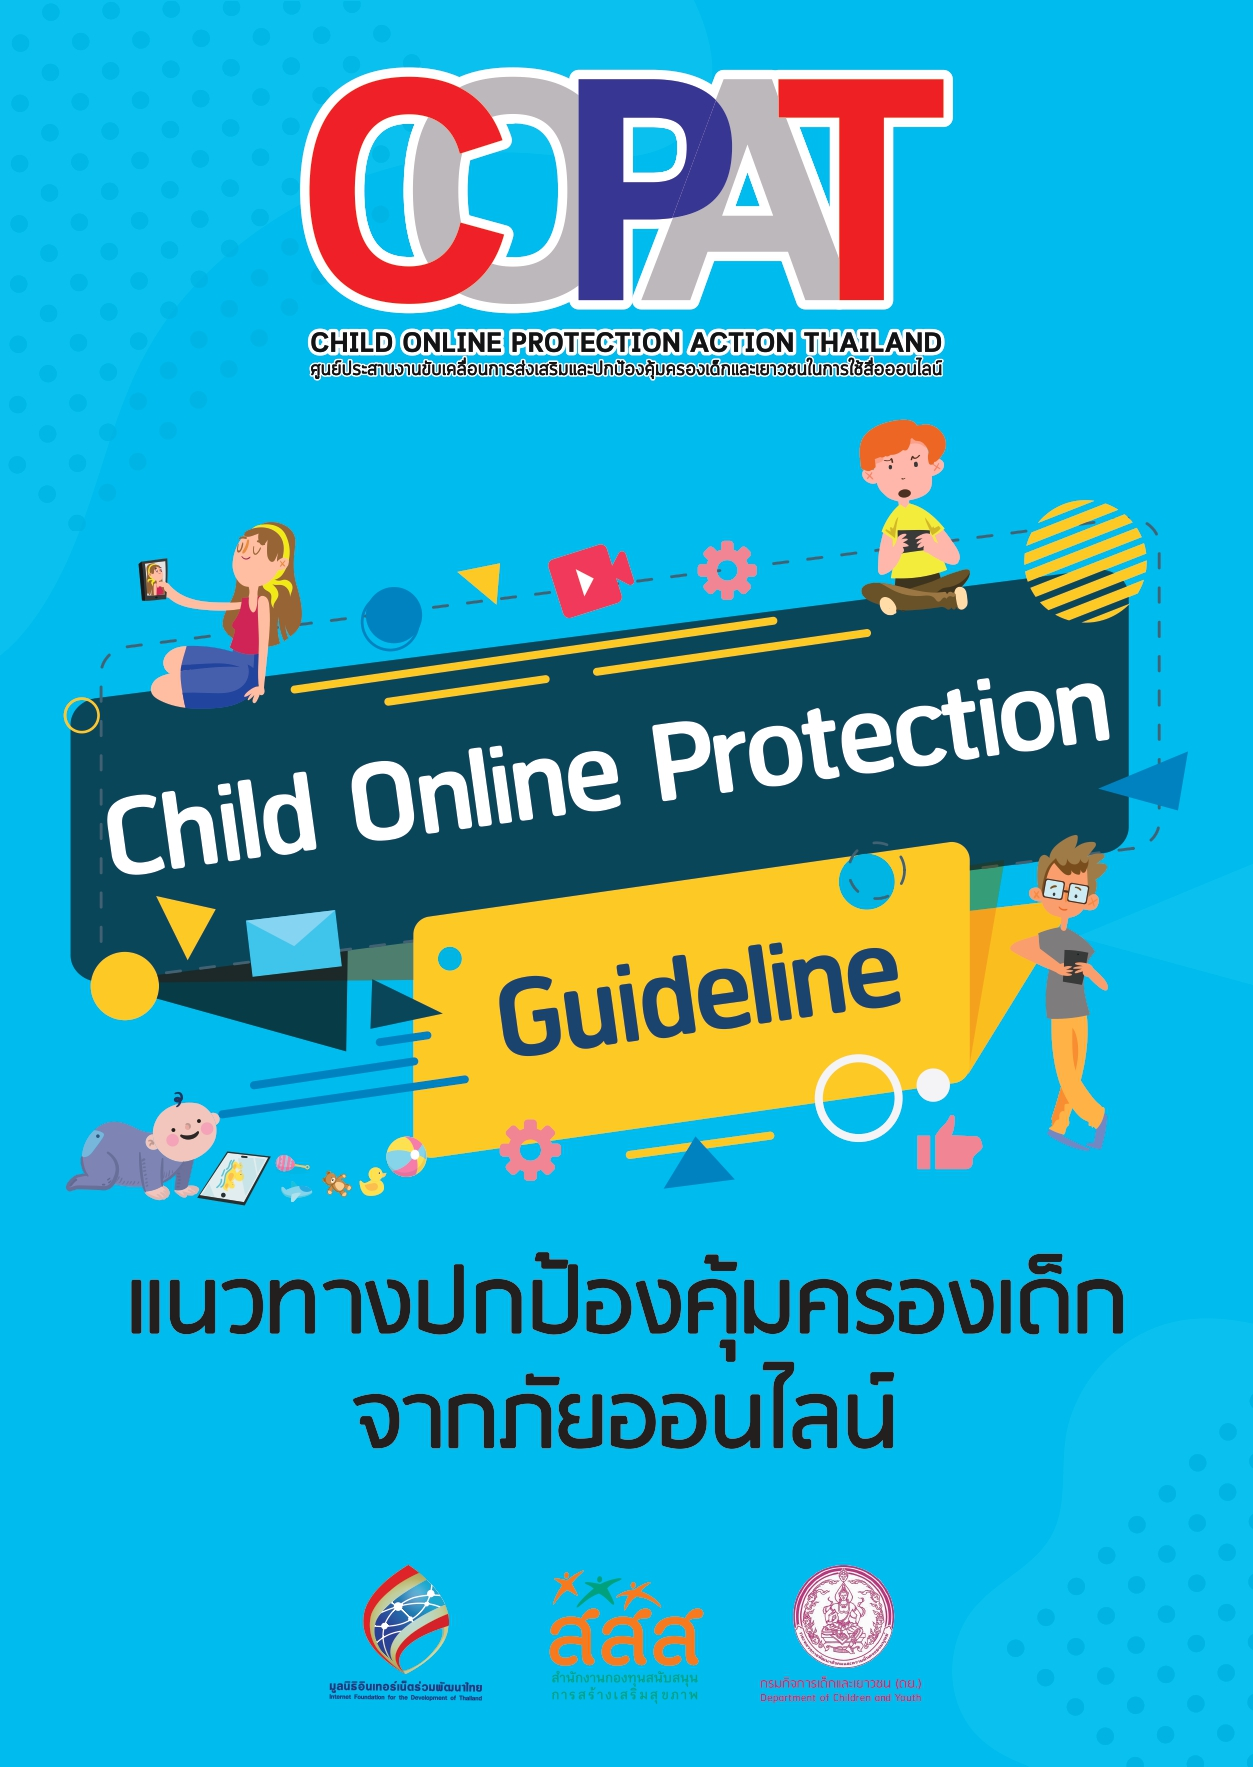 คู่มือแนวทางปกป้องคุ้มครองเด็กจากภัยออนไลน์